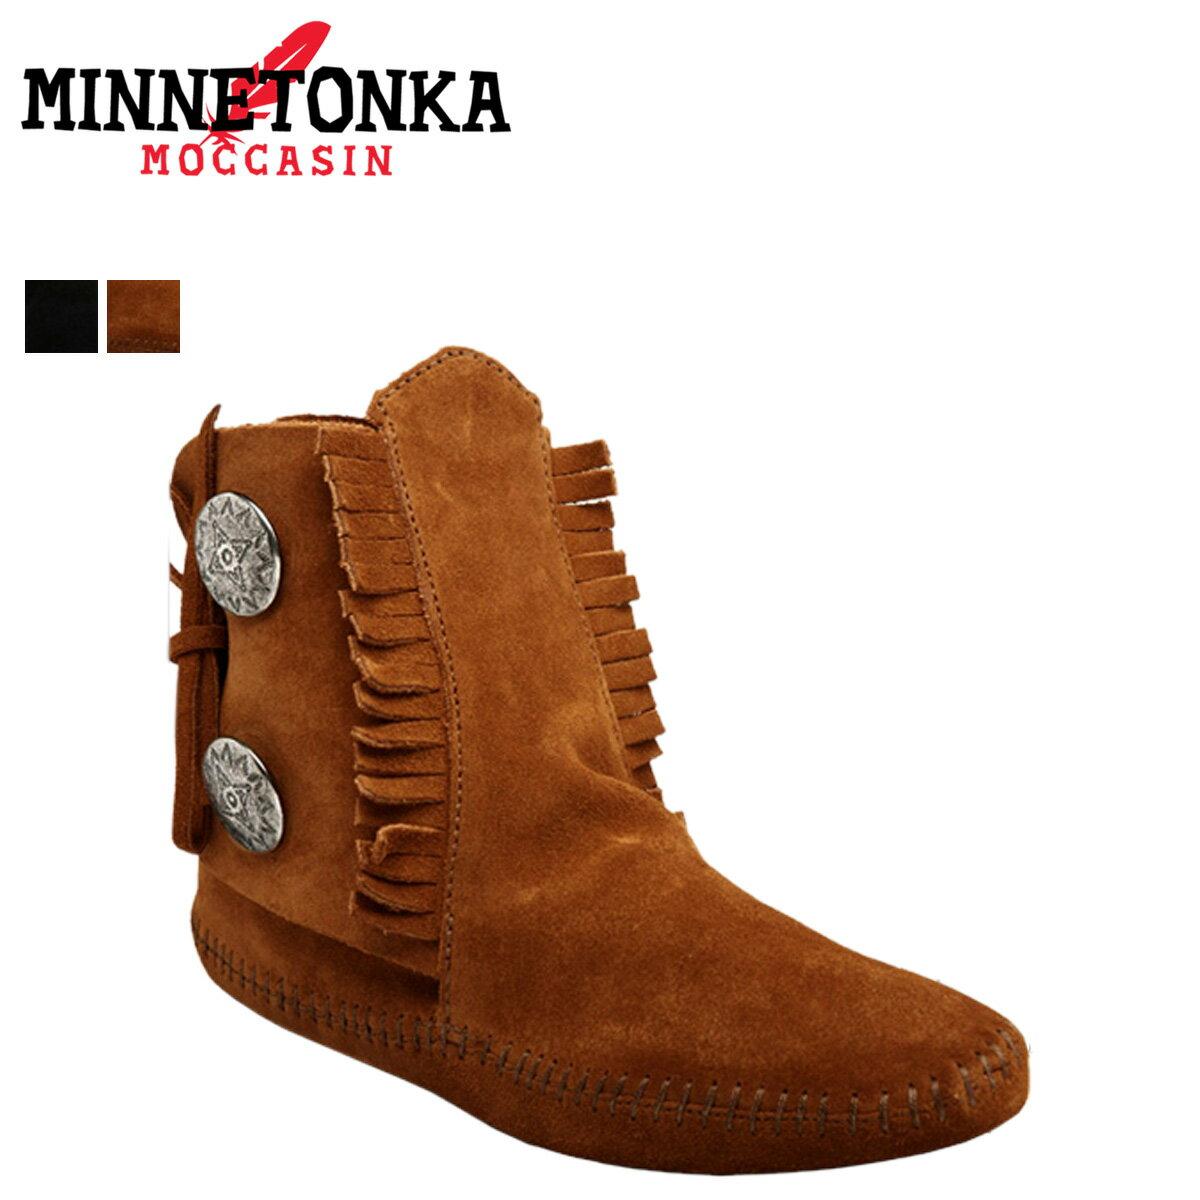 【最大2000円OFFクーポン ポイント最大32倍】 ミネトンカ MINNETONKA 2ボタン ブーツ ソフトソール TWO BUTTON BOOT SOFT SOLE レディース